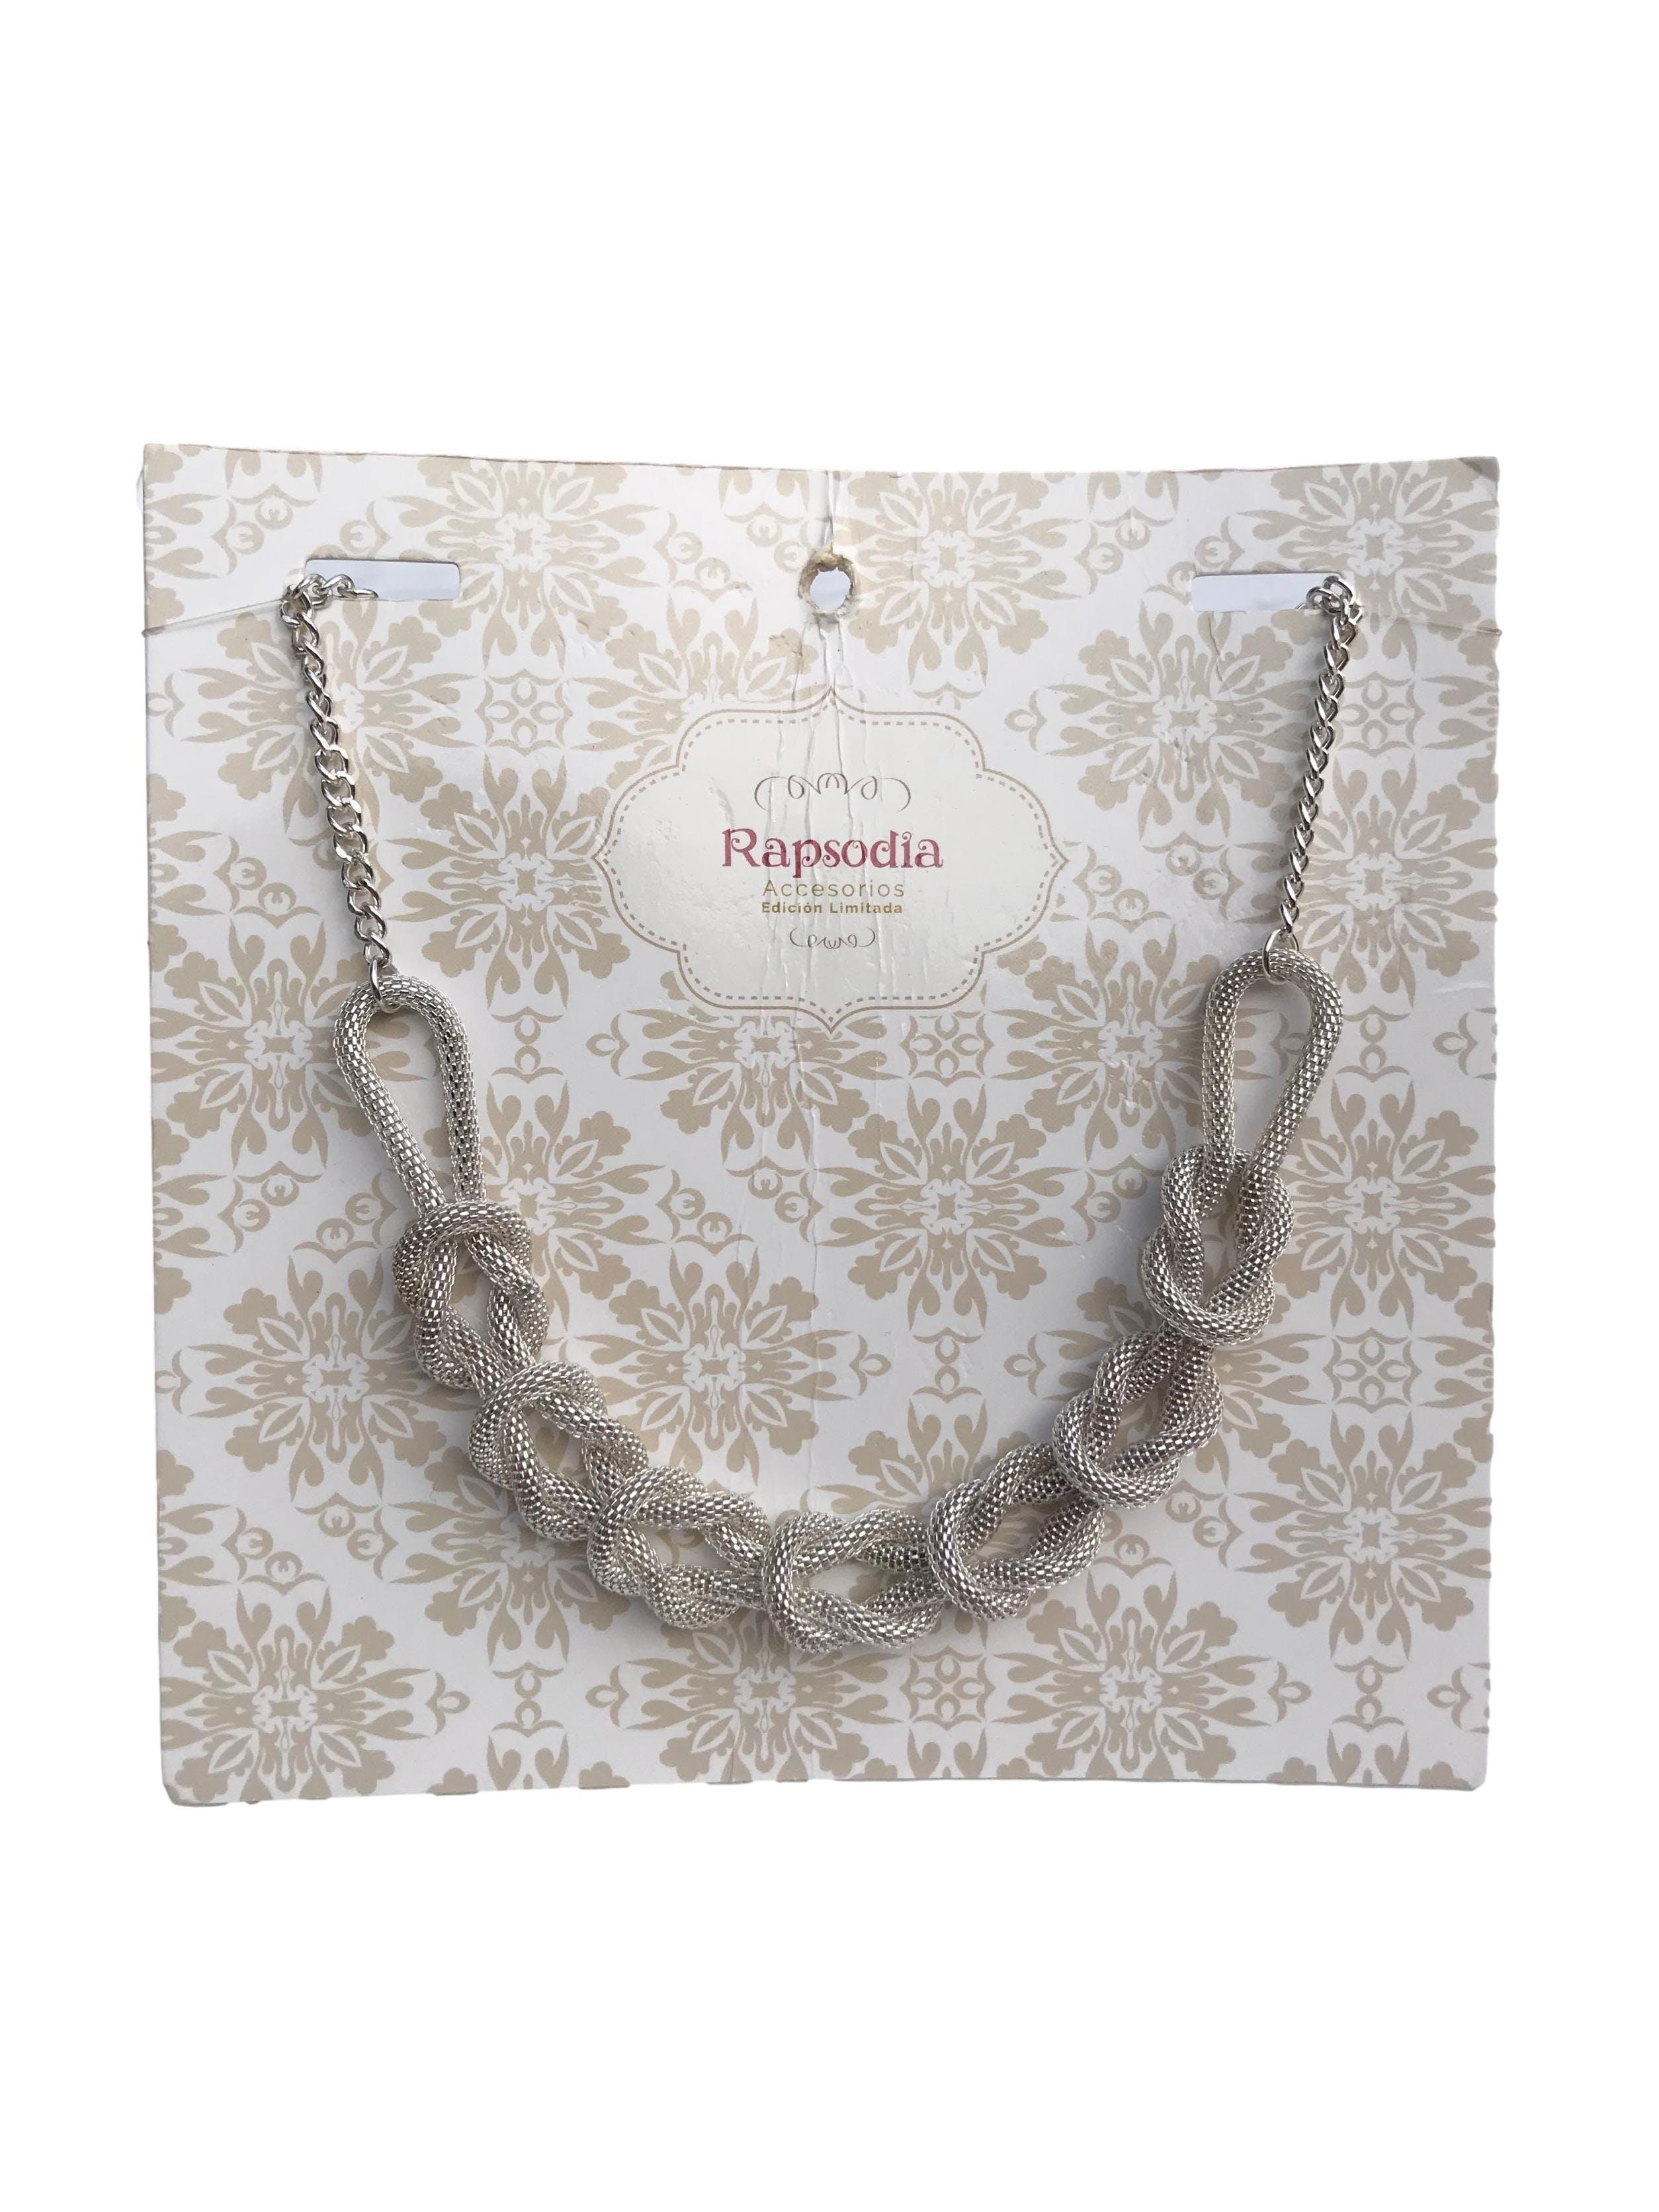 Collar cadena plateada con forma soga entrelazada. Largo 47cm. Nueva con etiqueta, precio original S/ 29.9